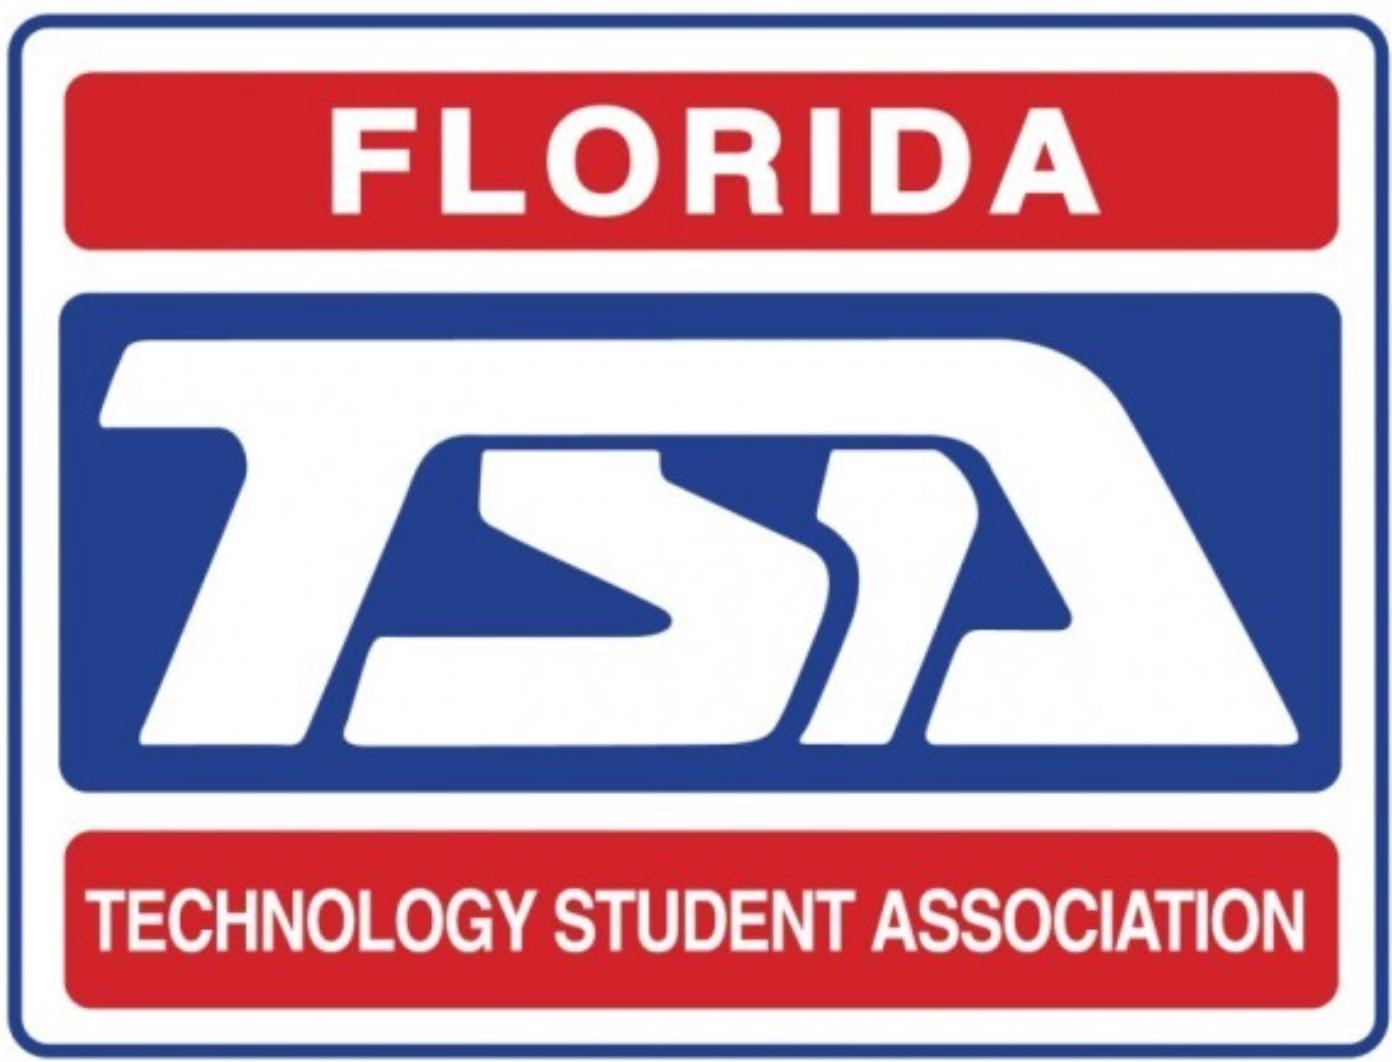 The Florida TSA Logo